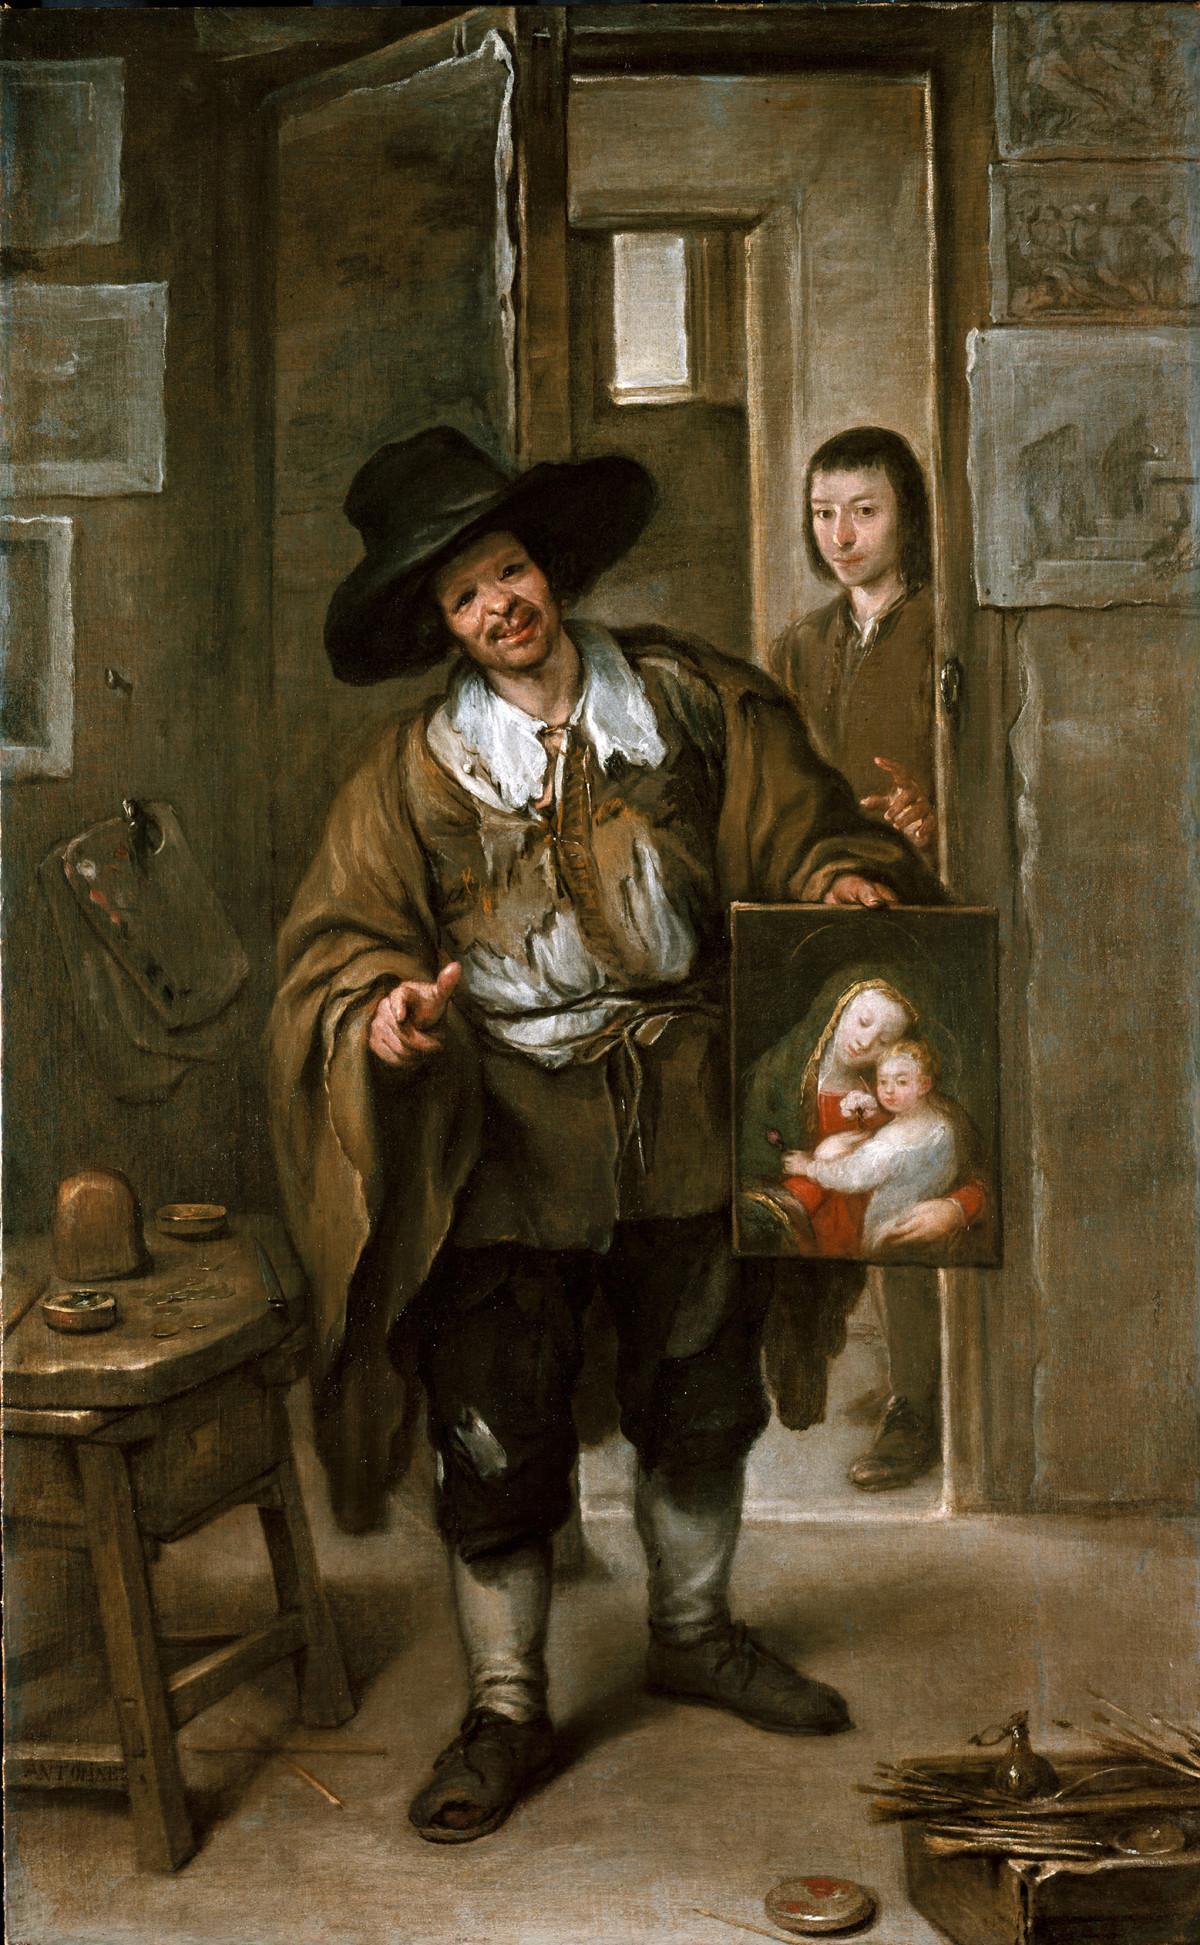 José Antolínez: Atelierszene (Der Bildhändler), um 1670, © Bayerische Staatsgemäldesammlungen München - Alte Pinakothek)